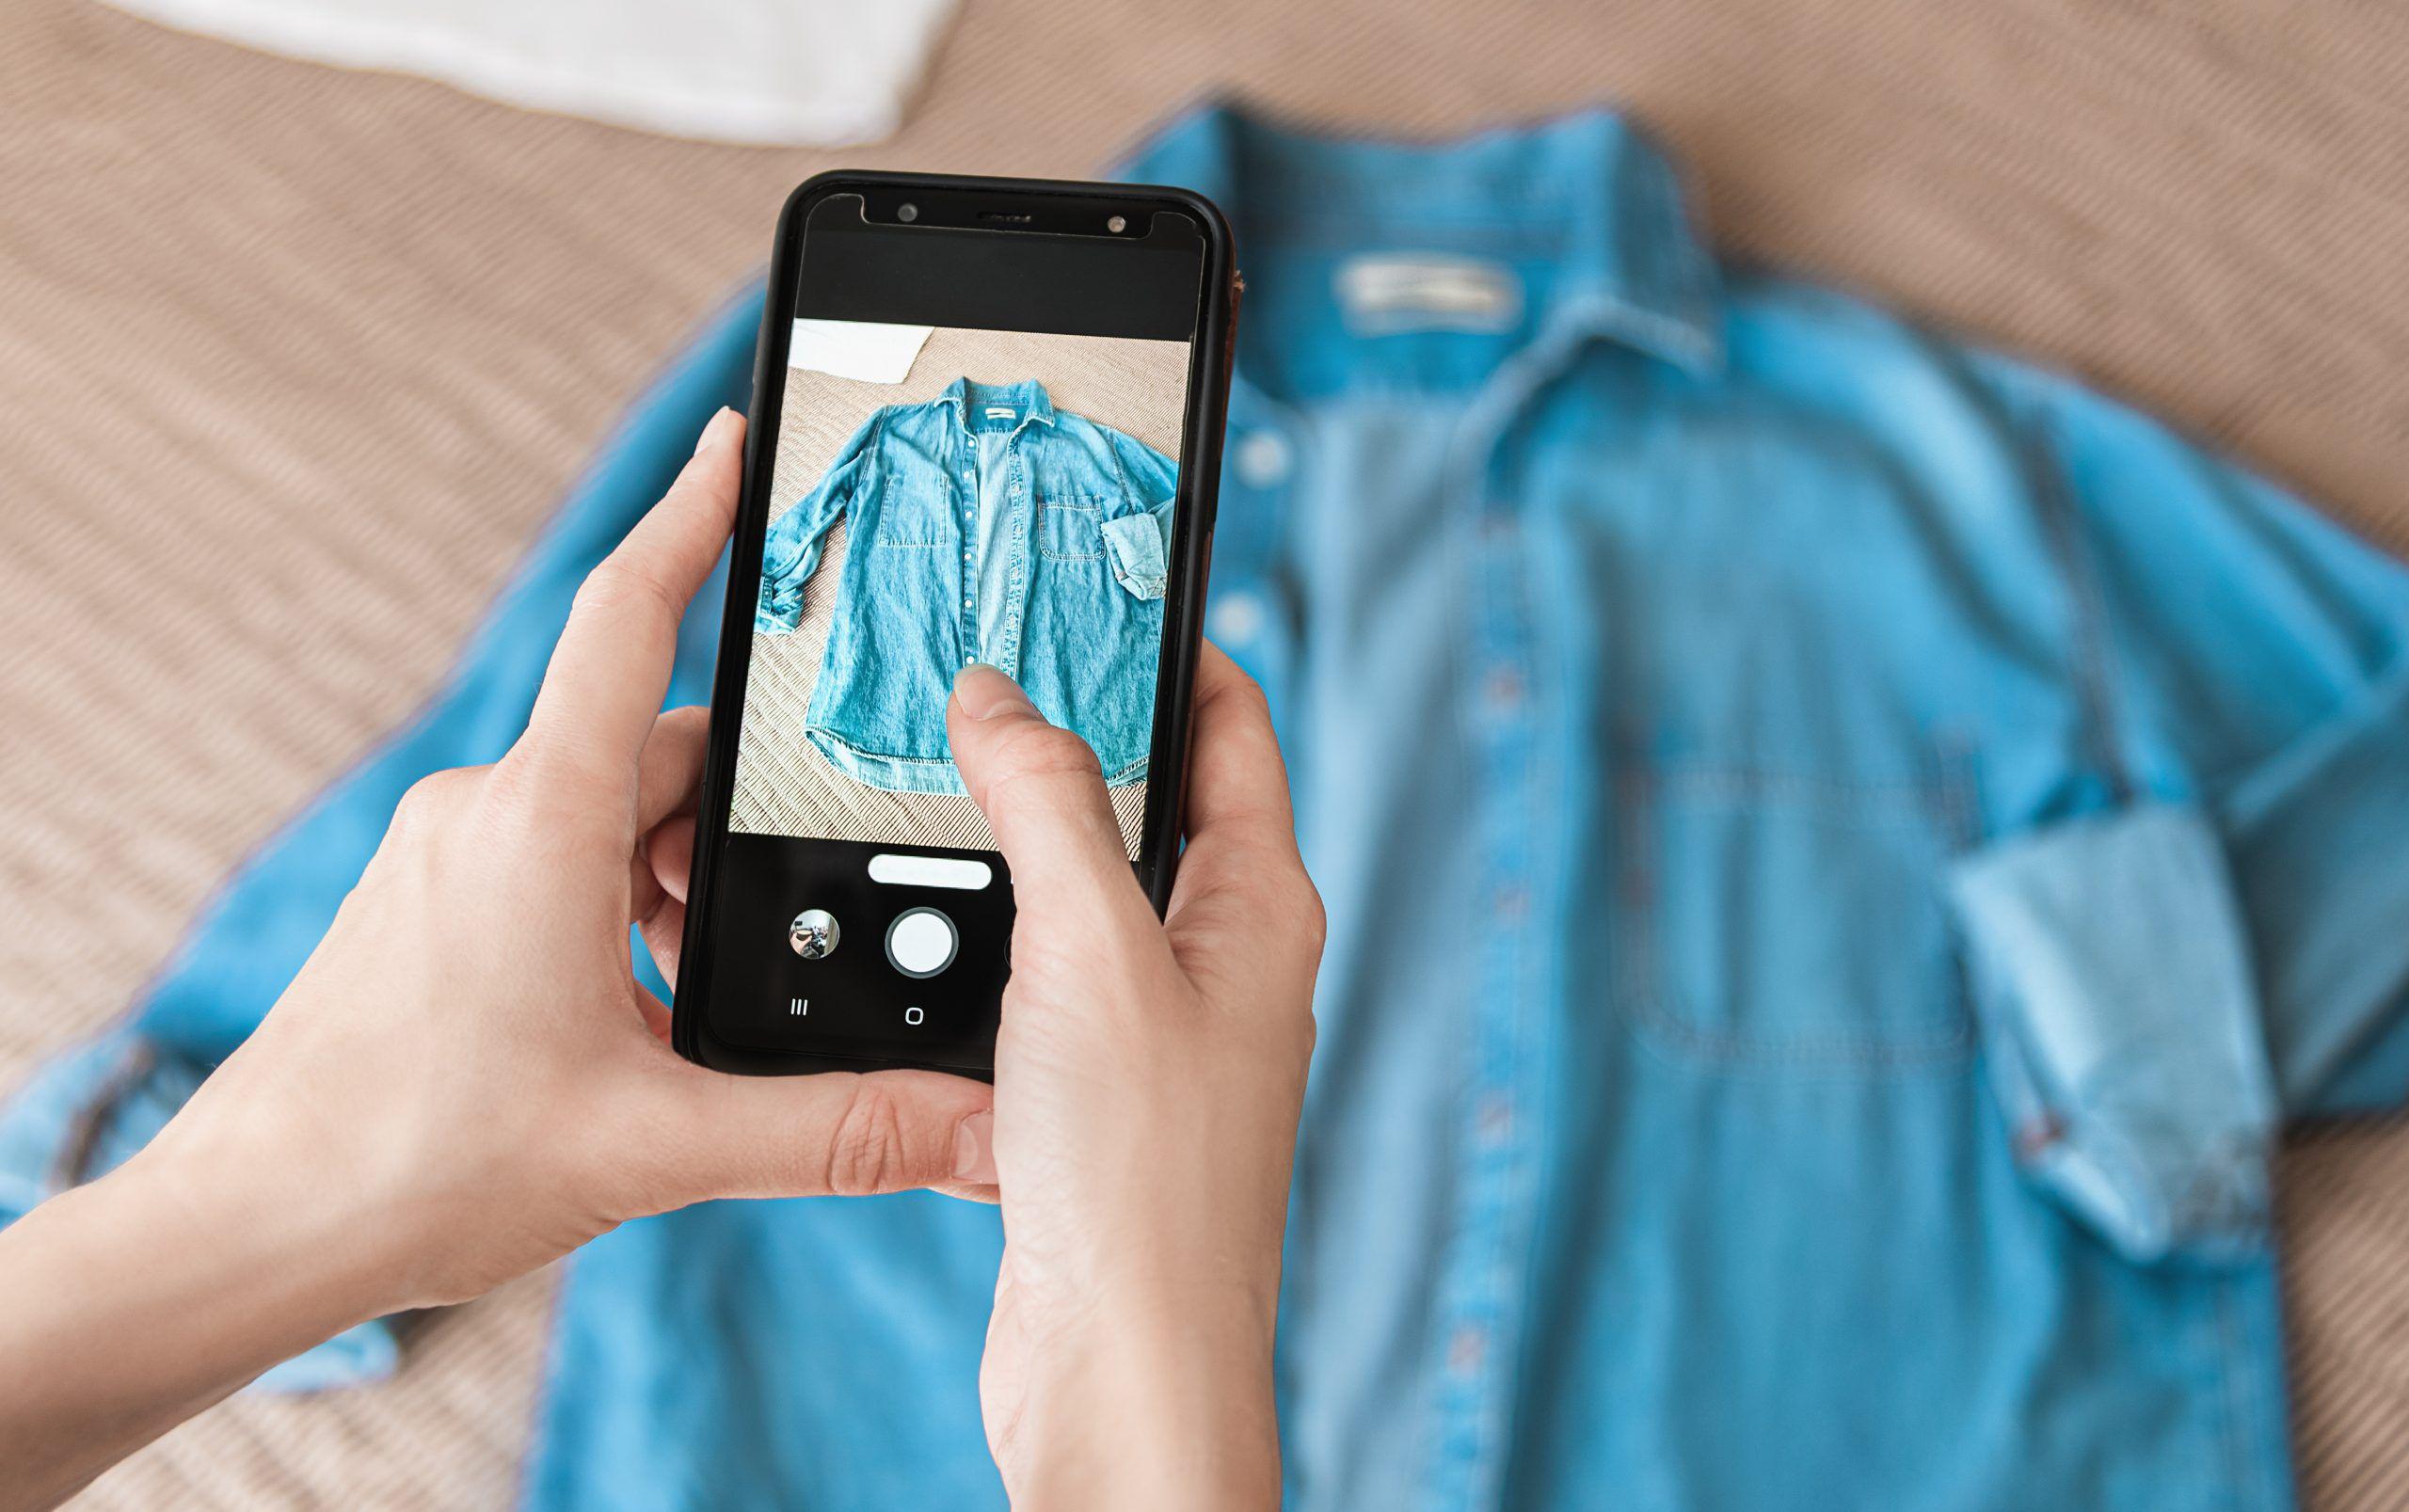 Große Modefirmen setzen auf nachhaltige Shopping Formate und Second-Hand Fashion